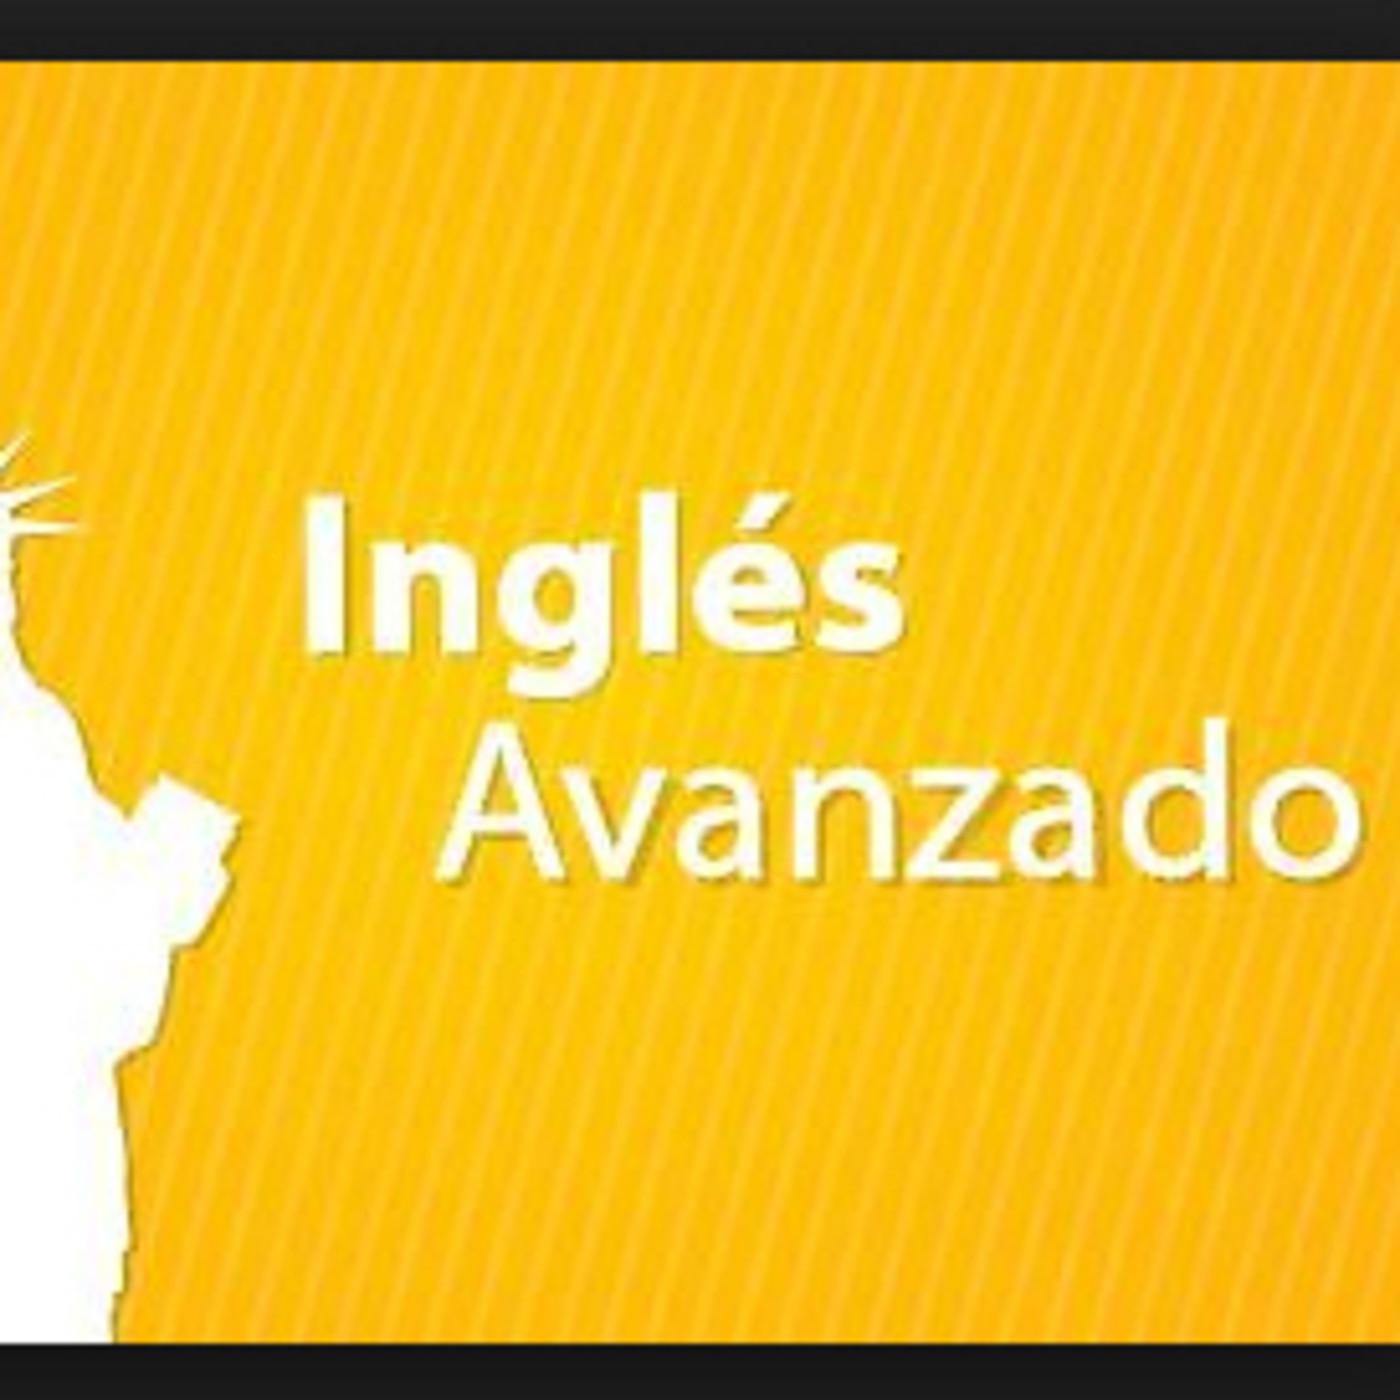 Inglés Completo Avanzado